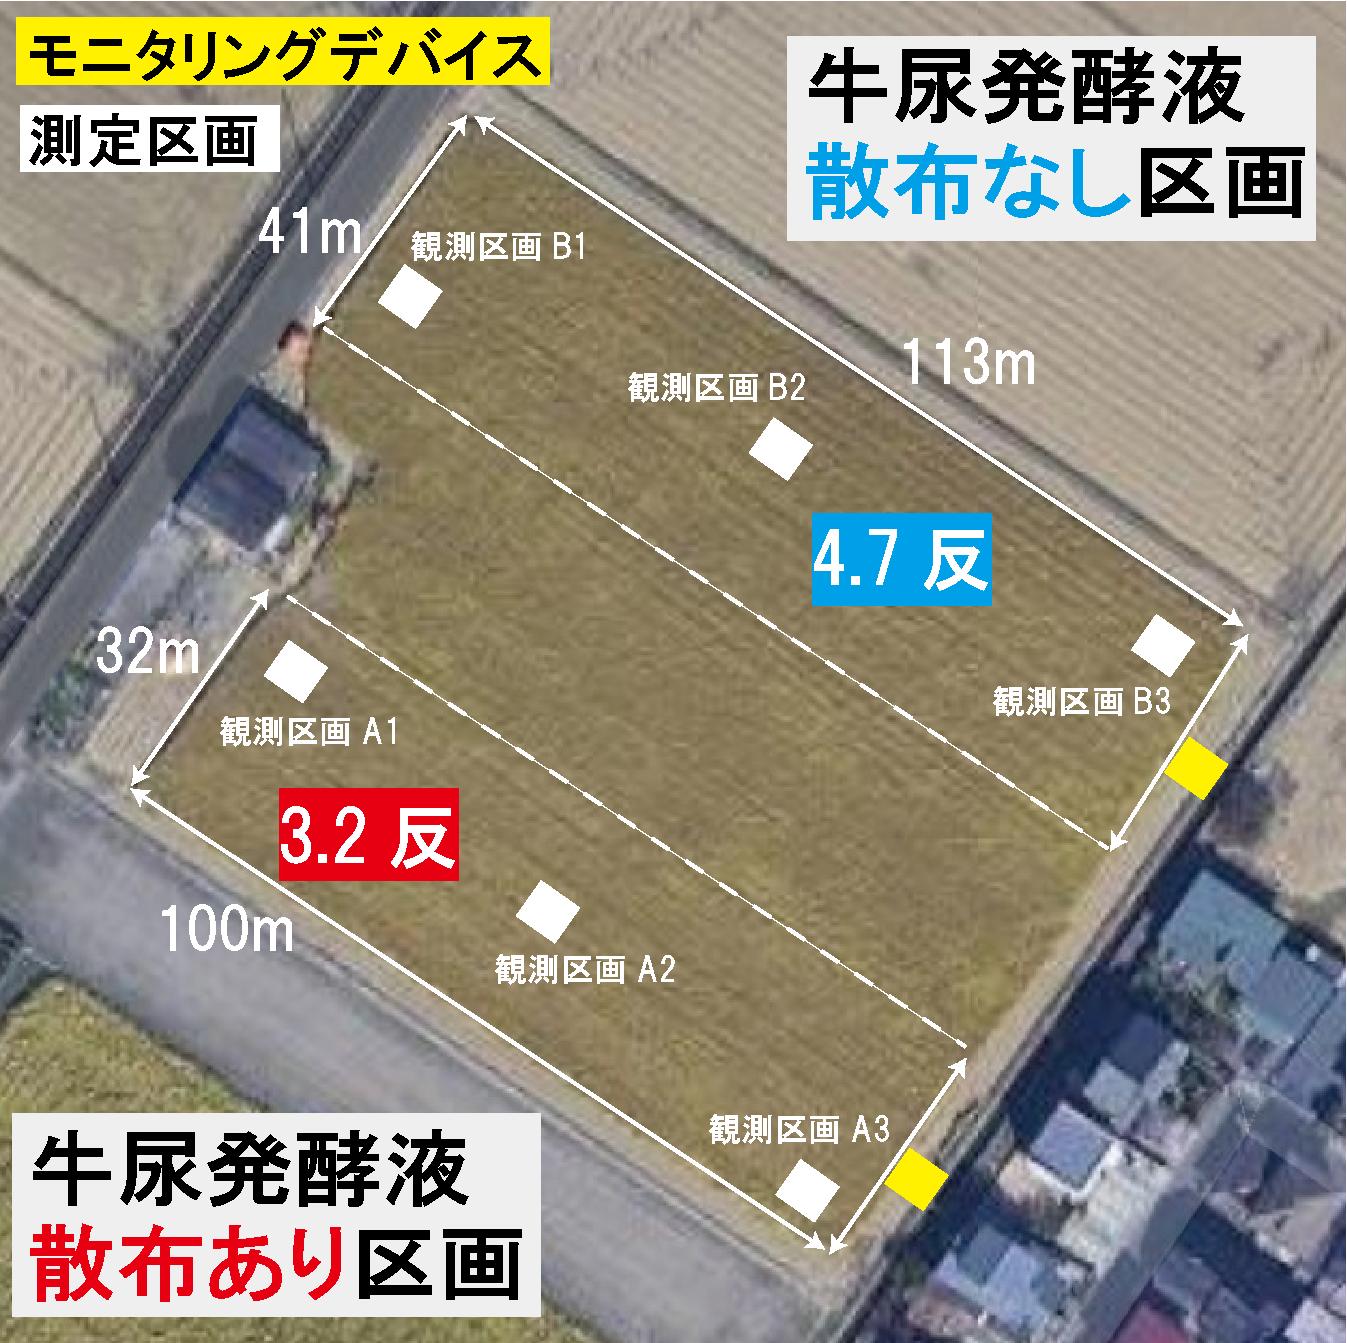 試験圃場の航空写真と試験区画図